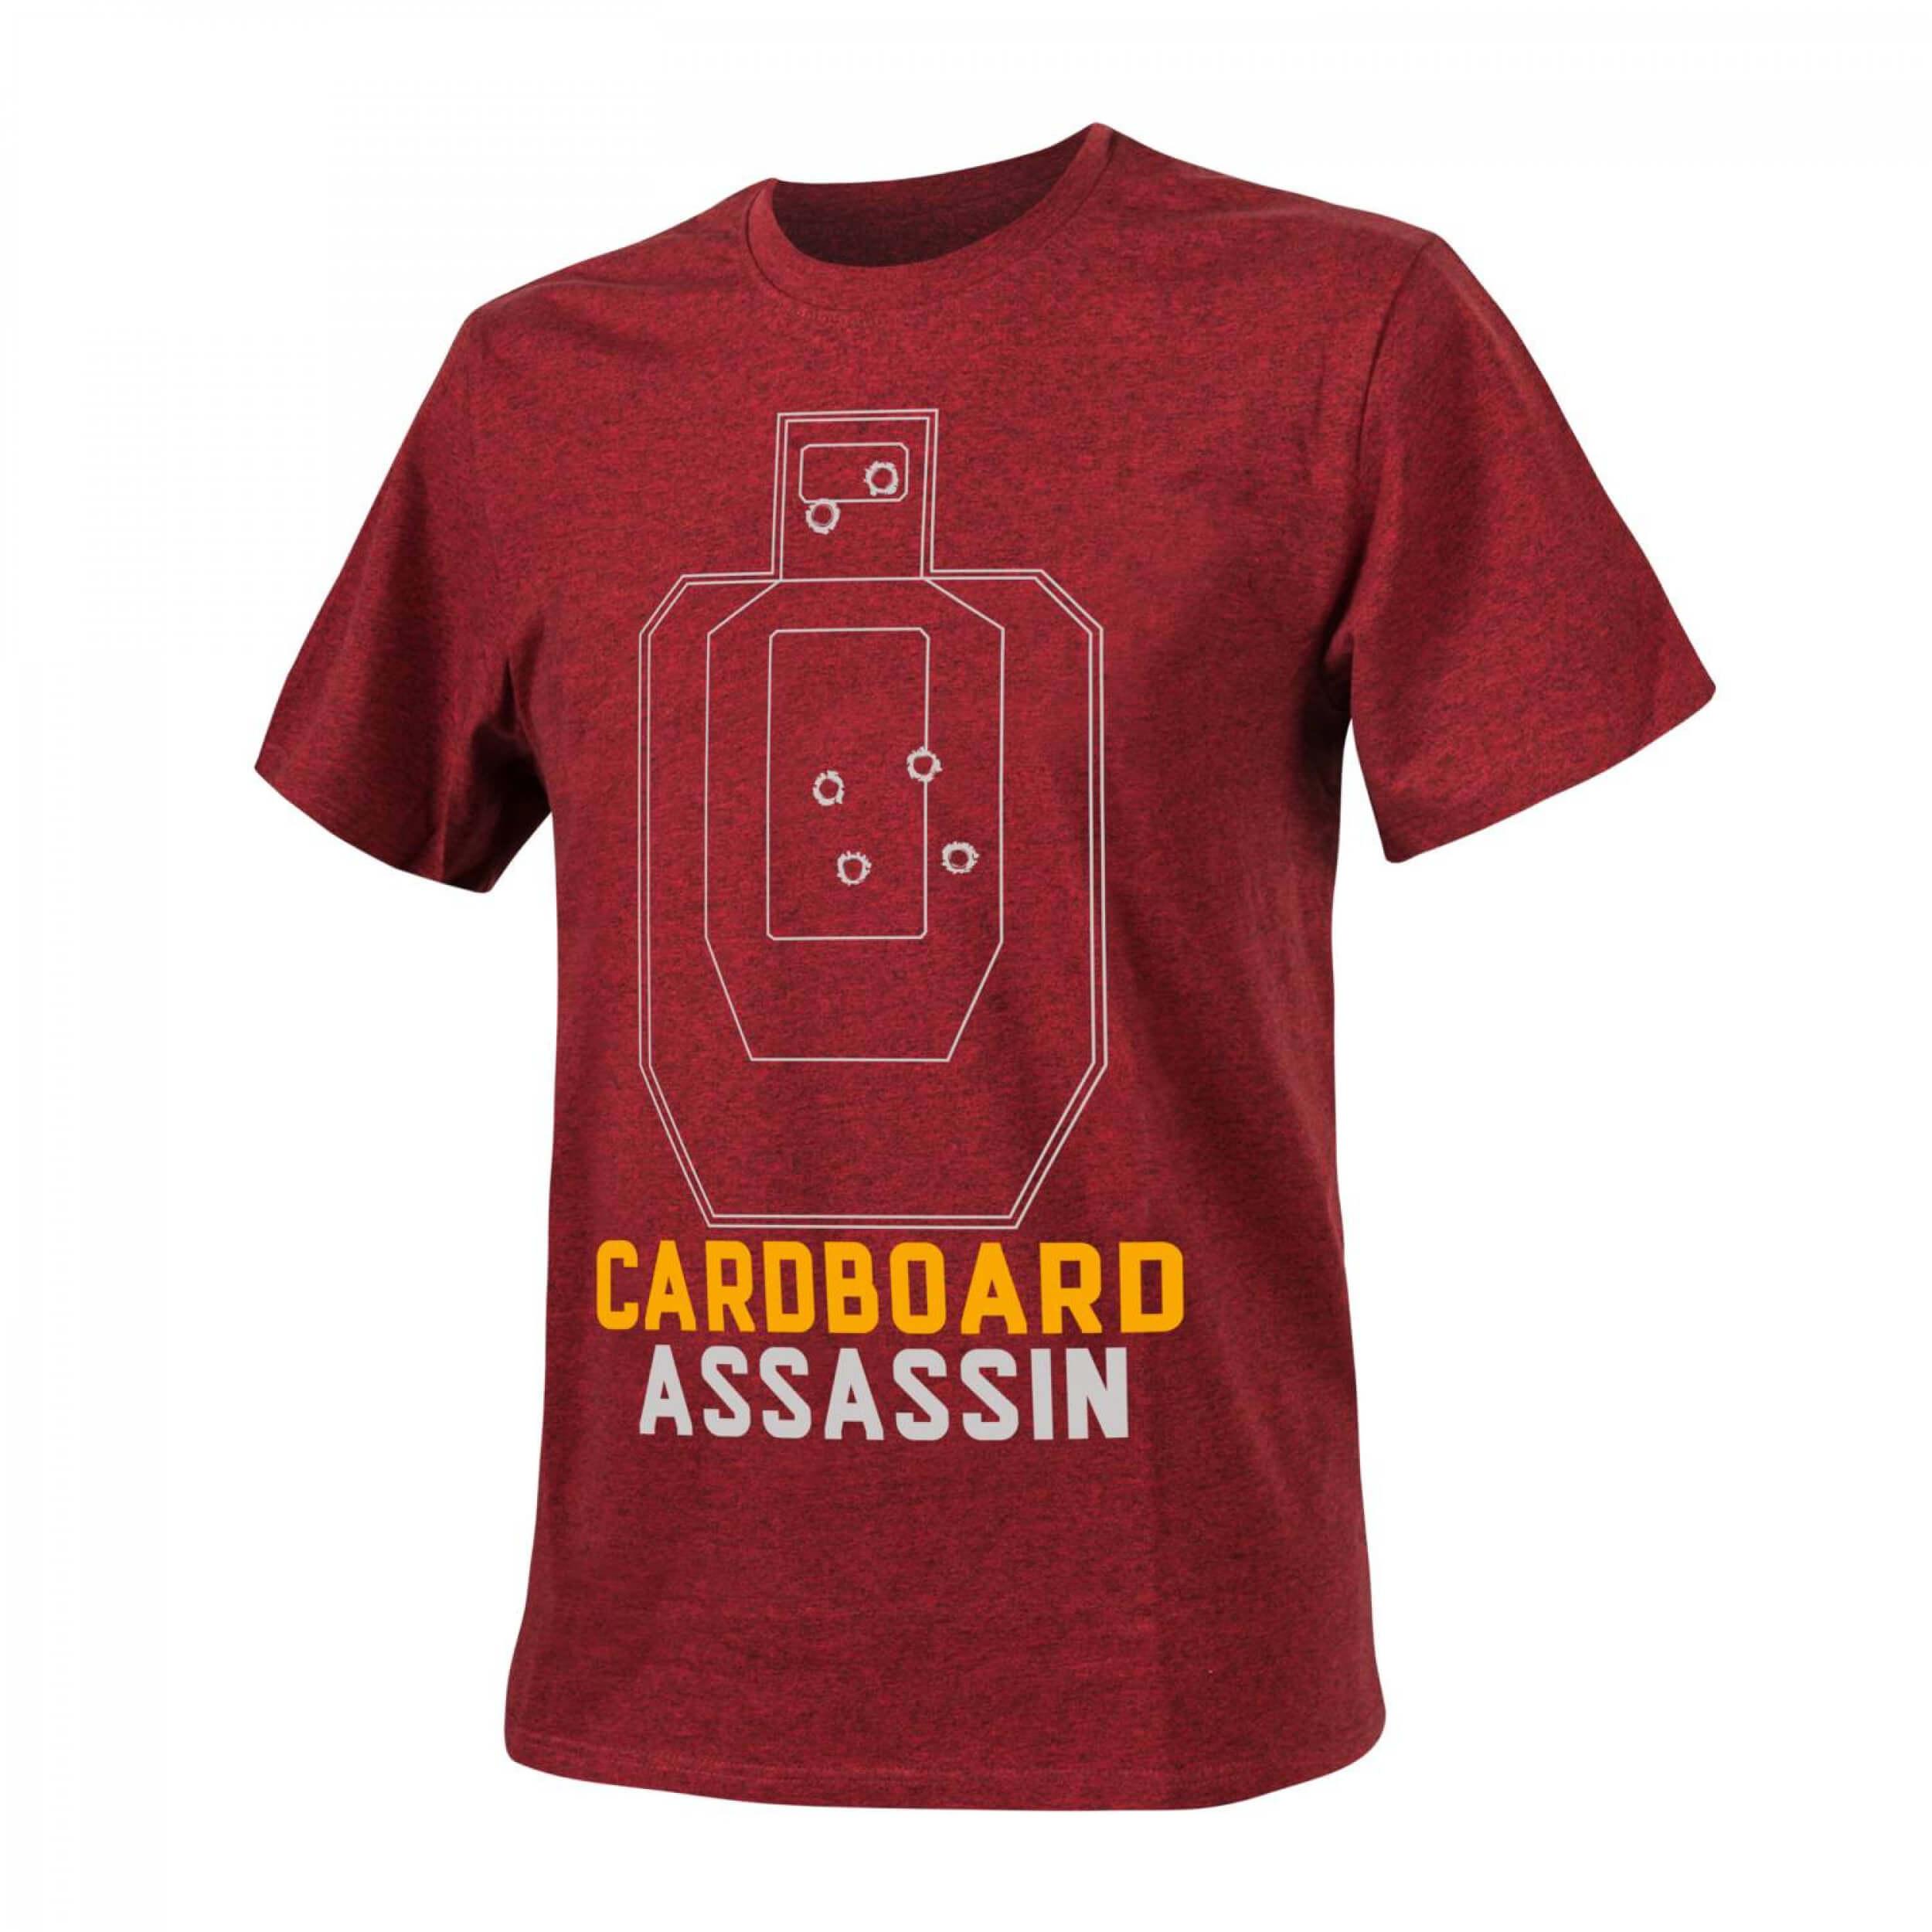 T-Shirt (Cardboard Assassin) -Cotton- Melange Red